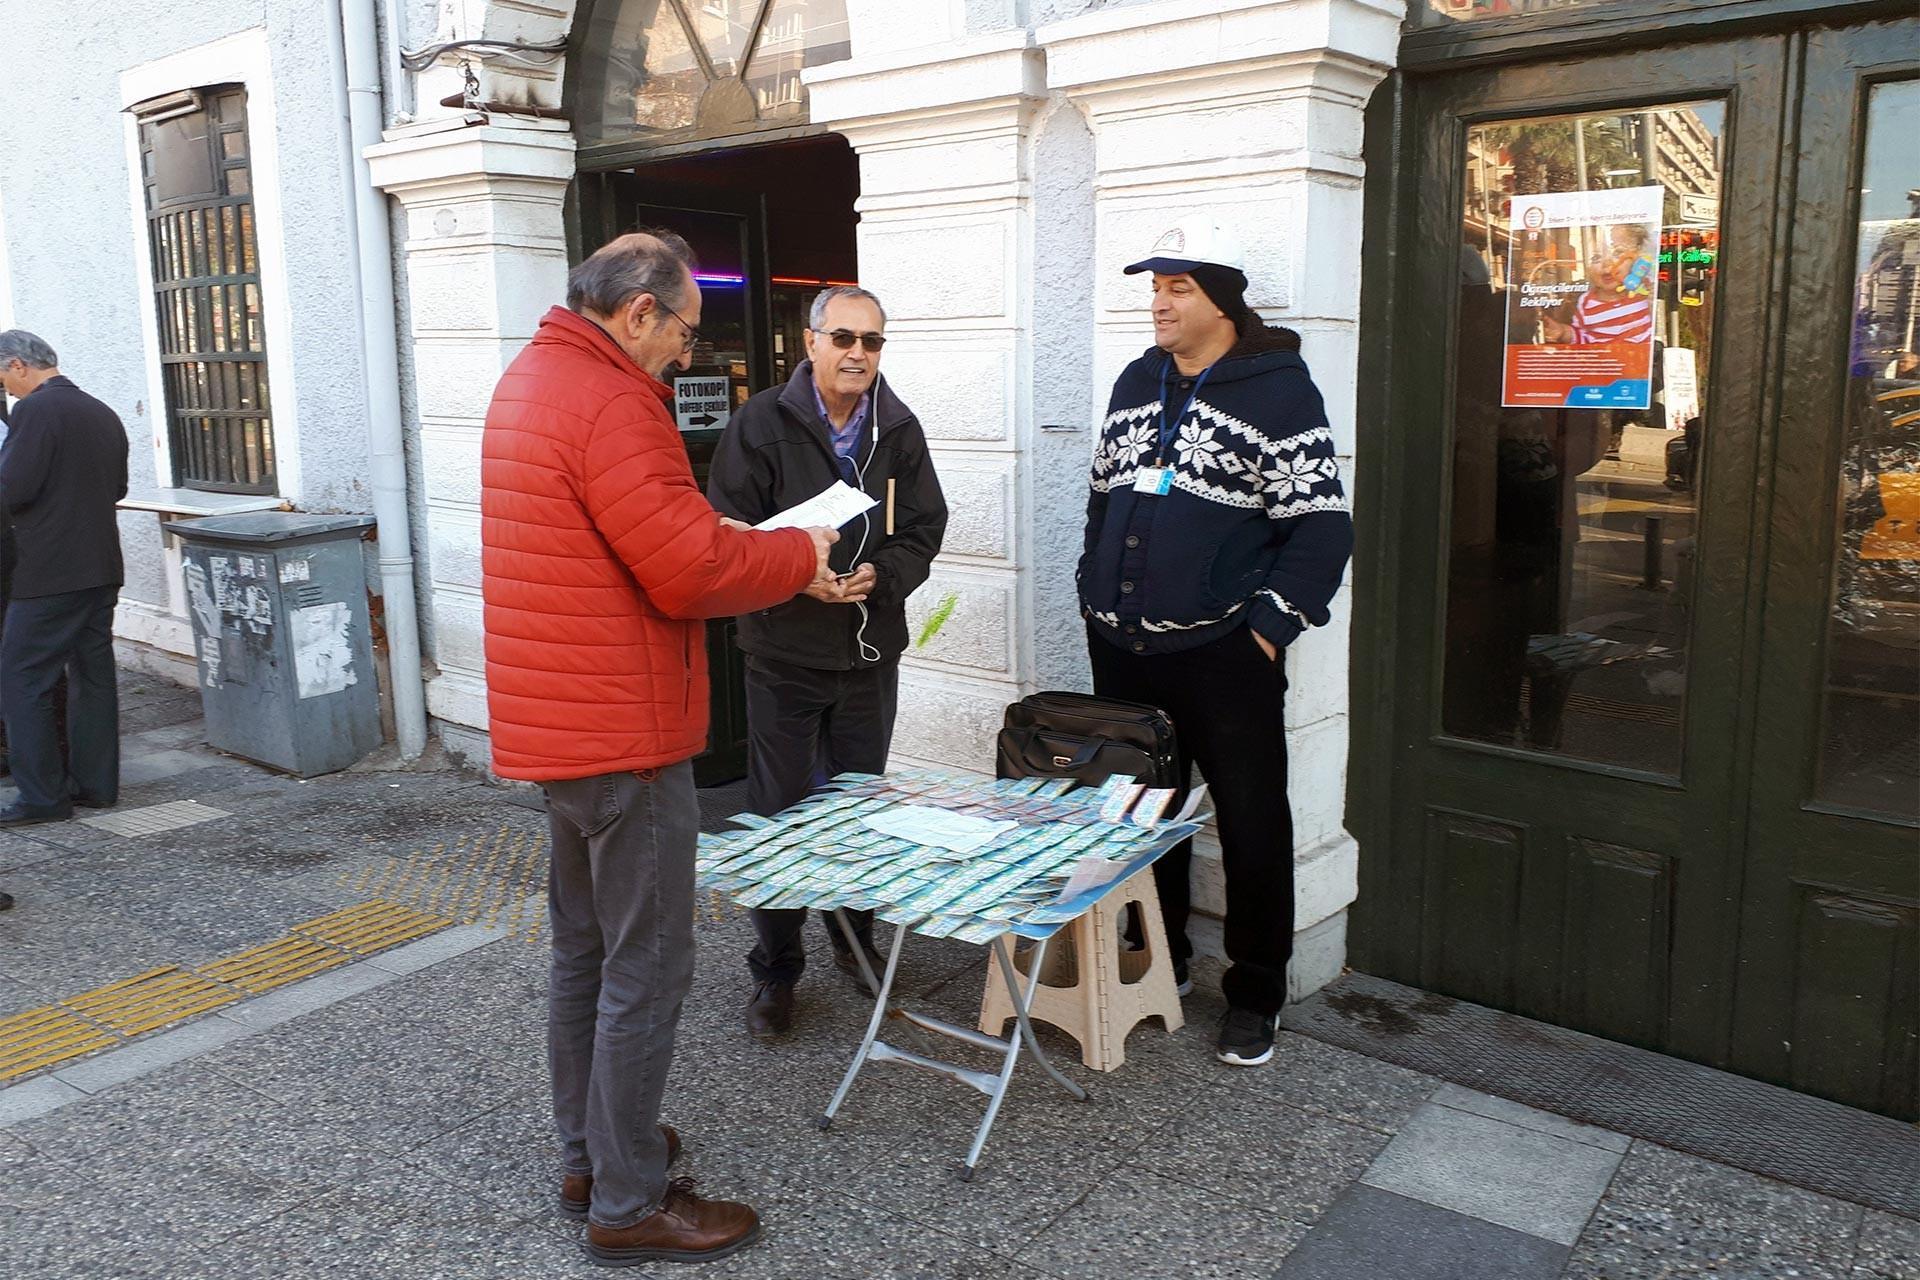 Milli Piyango satıcısı ve tezgahı önünde bilet bakan bir kişi